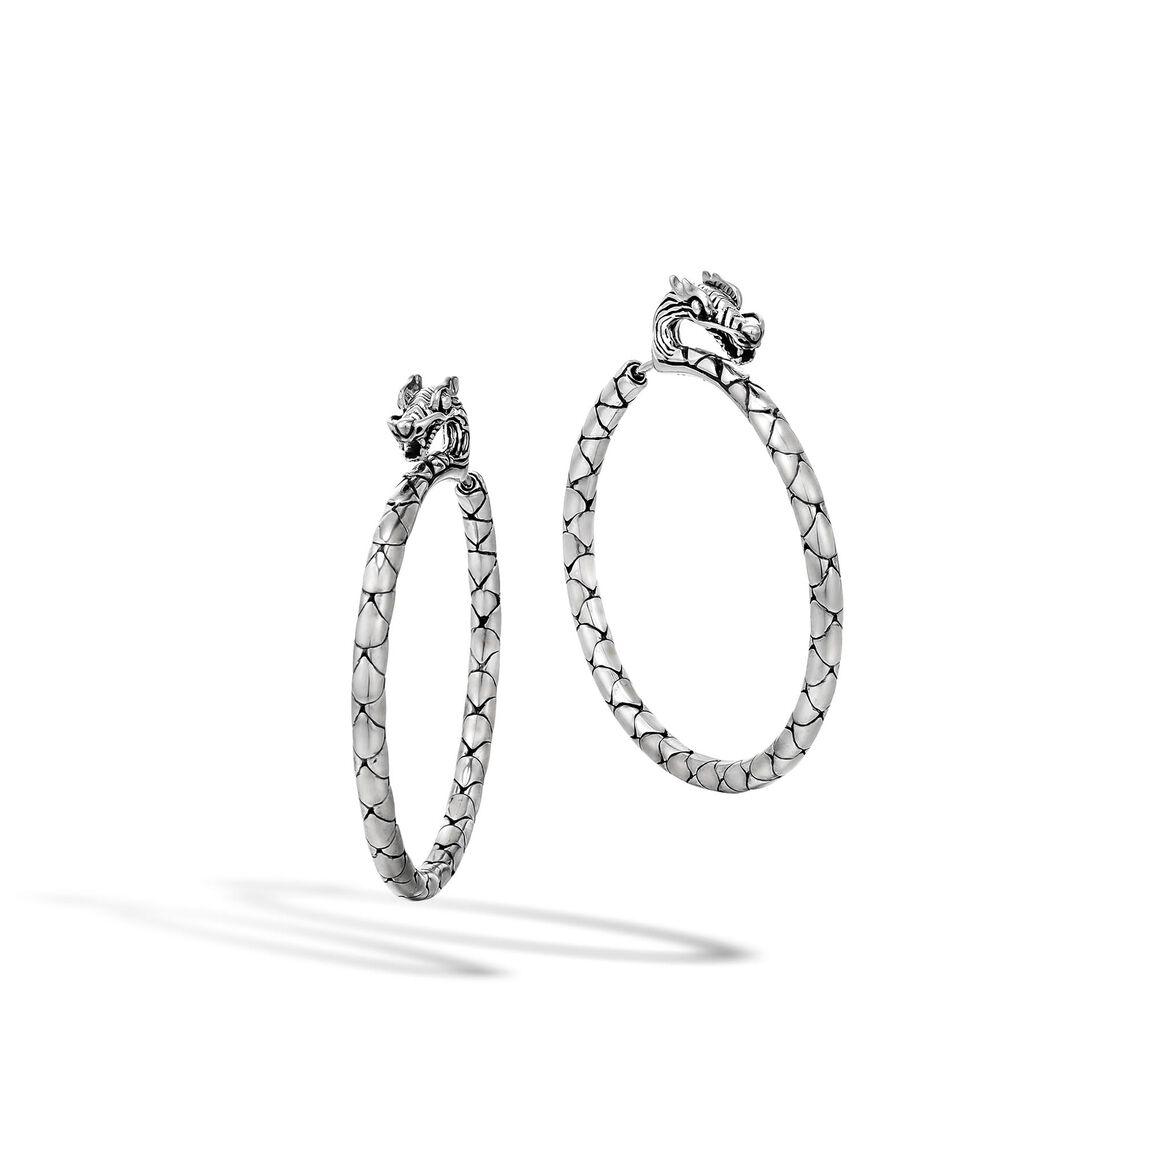 Legends Naga Medium Hoop Earring in Silver